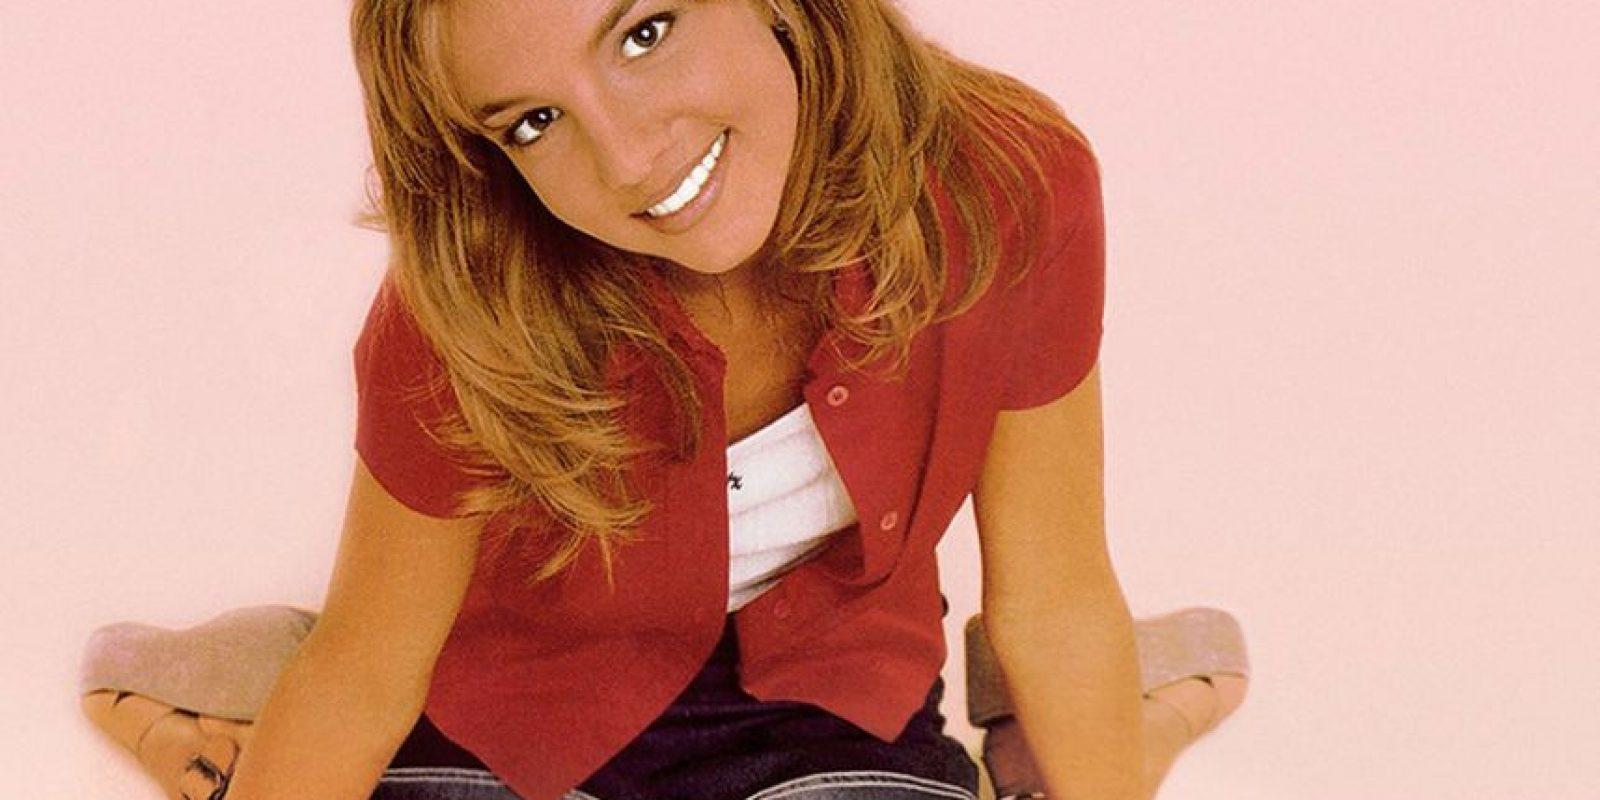 """El 12 de junio 1999, presentó su primer álbum """"…Baby one more time"""" Foto:Britney Spears.com"""